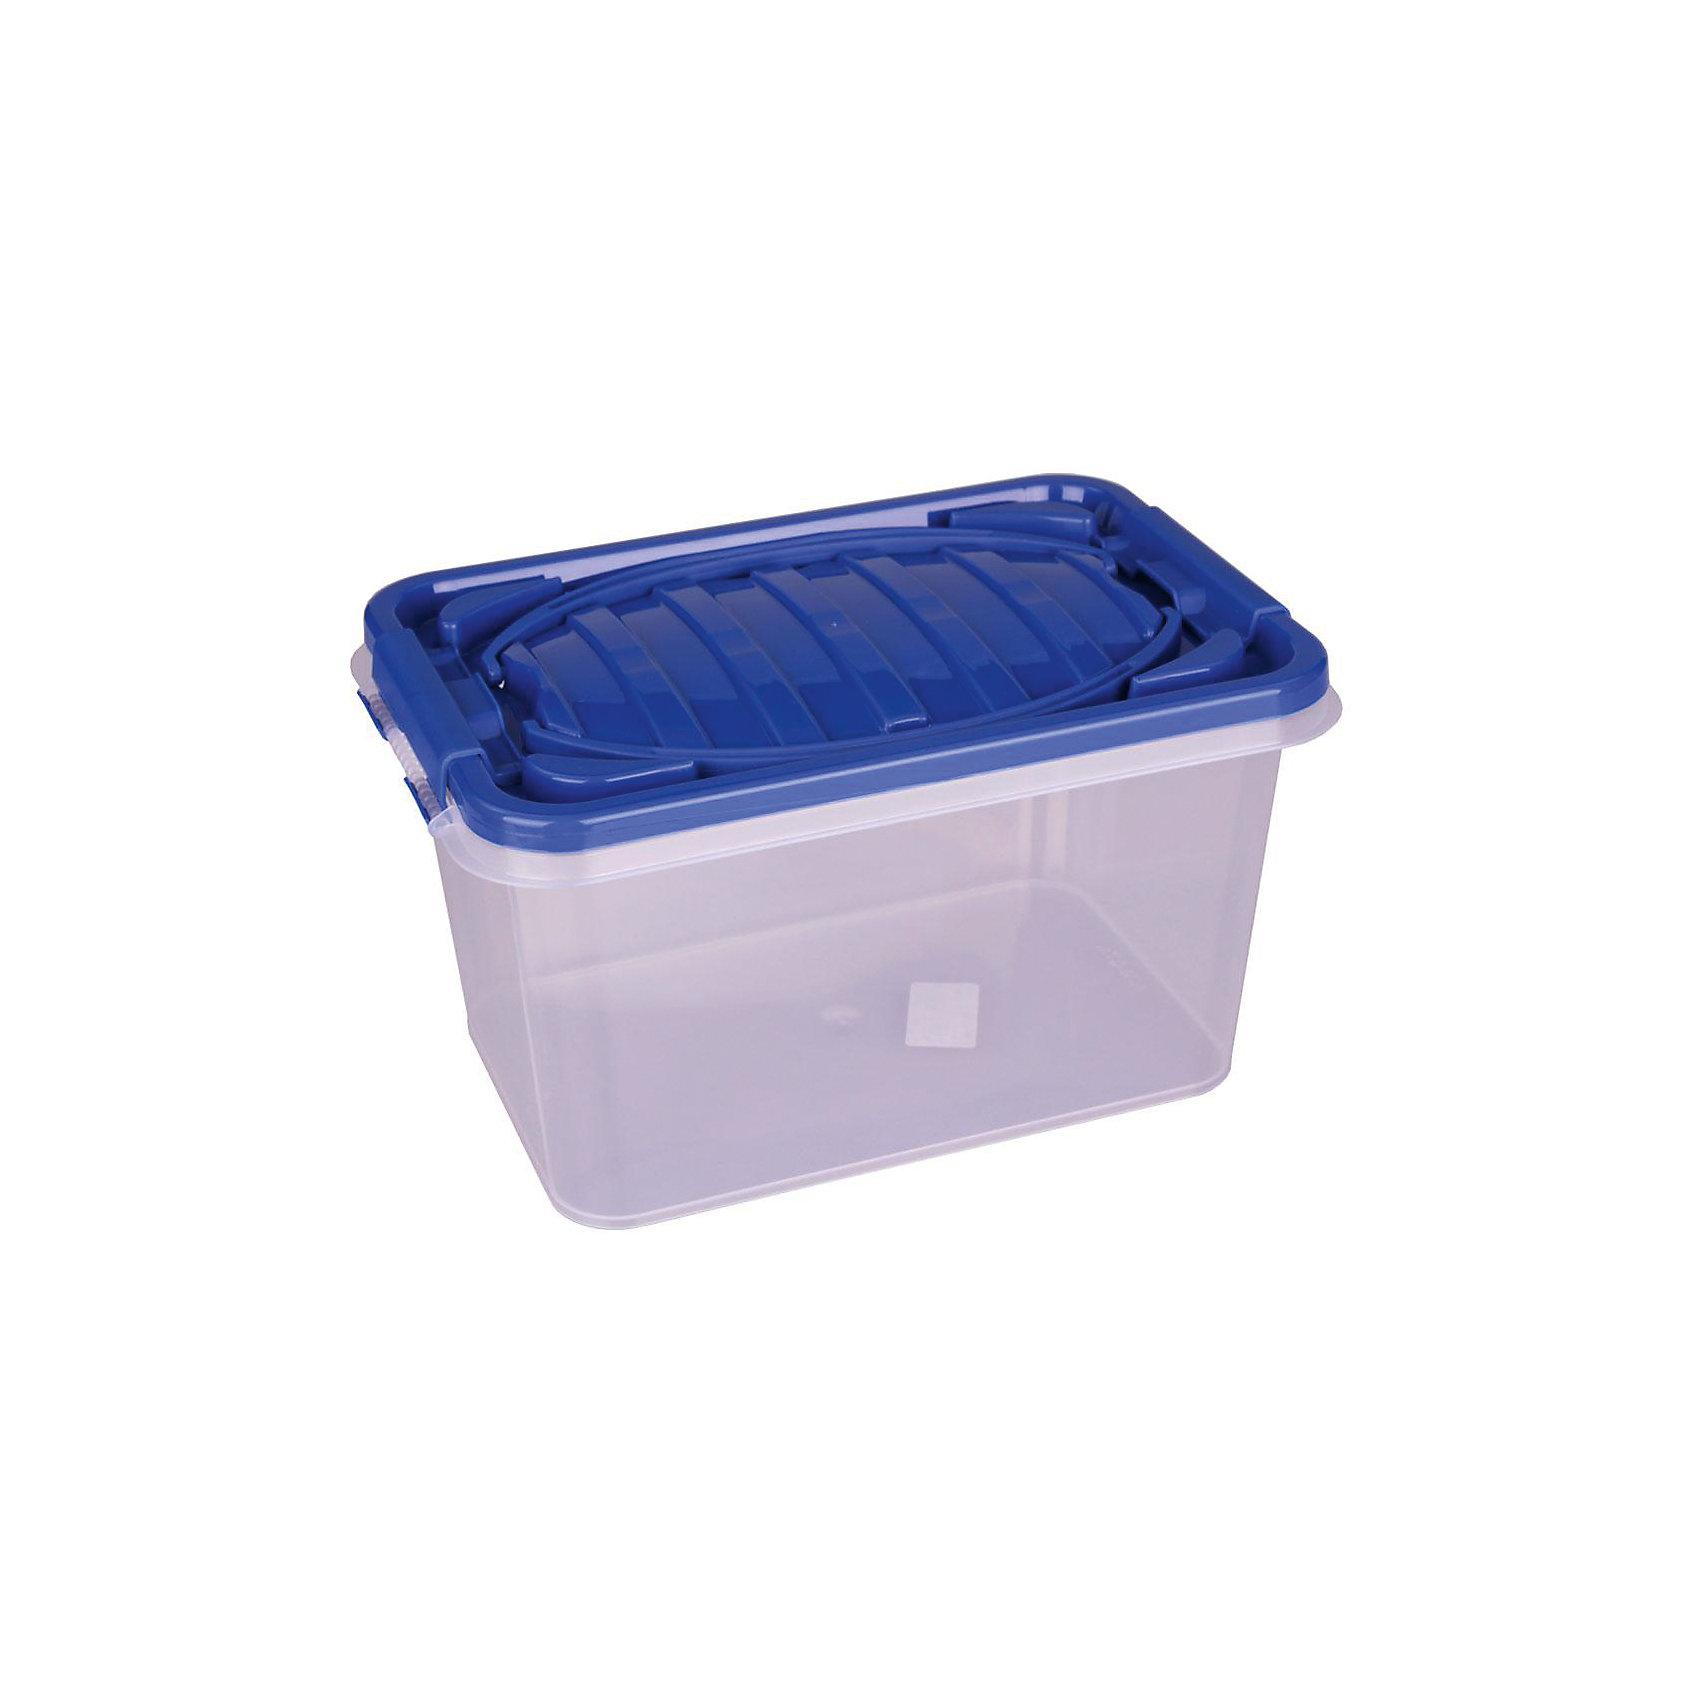 Контейнер Ультра прямоугольный 7л. с ручками, AlternativaПорядок в детской<br>Характеристики:<br><br>• Предназначение: для хранения игрушек, для хозяйственных нужд, для пикника<br>• Материал: пластик<br>• Цвет: прозрачный, синий<br>• Размер (Д*Ш*В): 31*25*17 см<br>• Вместимость (объем): 7 л<br>• Форма: прямоугольный<br>• Наличие крышки с ручками<br>• Особенности ухода: разрешается мыть теплой водой<br><br>Контейнер Ультра прямоугольный 7л. с ручками , Alternativa изготовлен отечественным производителем ООО ЗПИ Альтернатива, который специализируется на выпуске широкого спектра изделий из пластика. <br>Контейнер выполнен из прозхрачного экологически безопасного пластика, устойчивого к механическим повреждениям, в комплекте имеется крышка синего цвета. Изделие может быть предназначено для хозяйственных нужд, хранения предметов и вещей, также его можно использовать как корзину для пикника. Контейнер Ультра прямоугольный 7л. с ручками , Alternativa вместительный, но при этом обладает легким весом.<br><br>Контейнер Ультра прямоугольный 7л. с ручками , Alternativa можно купить в нашем интернет-магазине.<br><br>Ширина мм: 300<br>Глубина мм: 200<br>Высота мм: 170<br>Вес г: 391<br>Возраст от месяцев: 6<br>Возраст до месяцев: 84<br>Пол: Унисекс<br>Возраст: Детский<br>SKU: 5096574